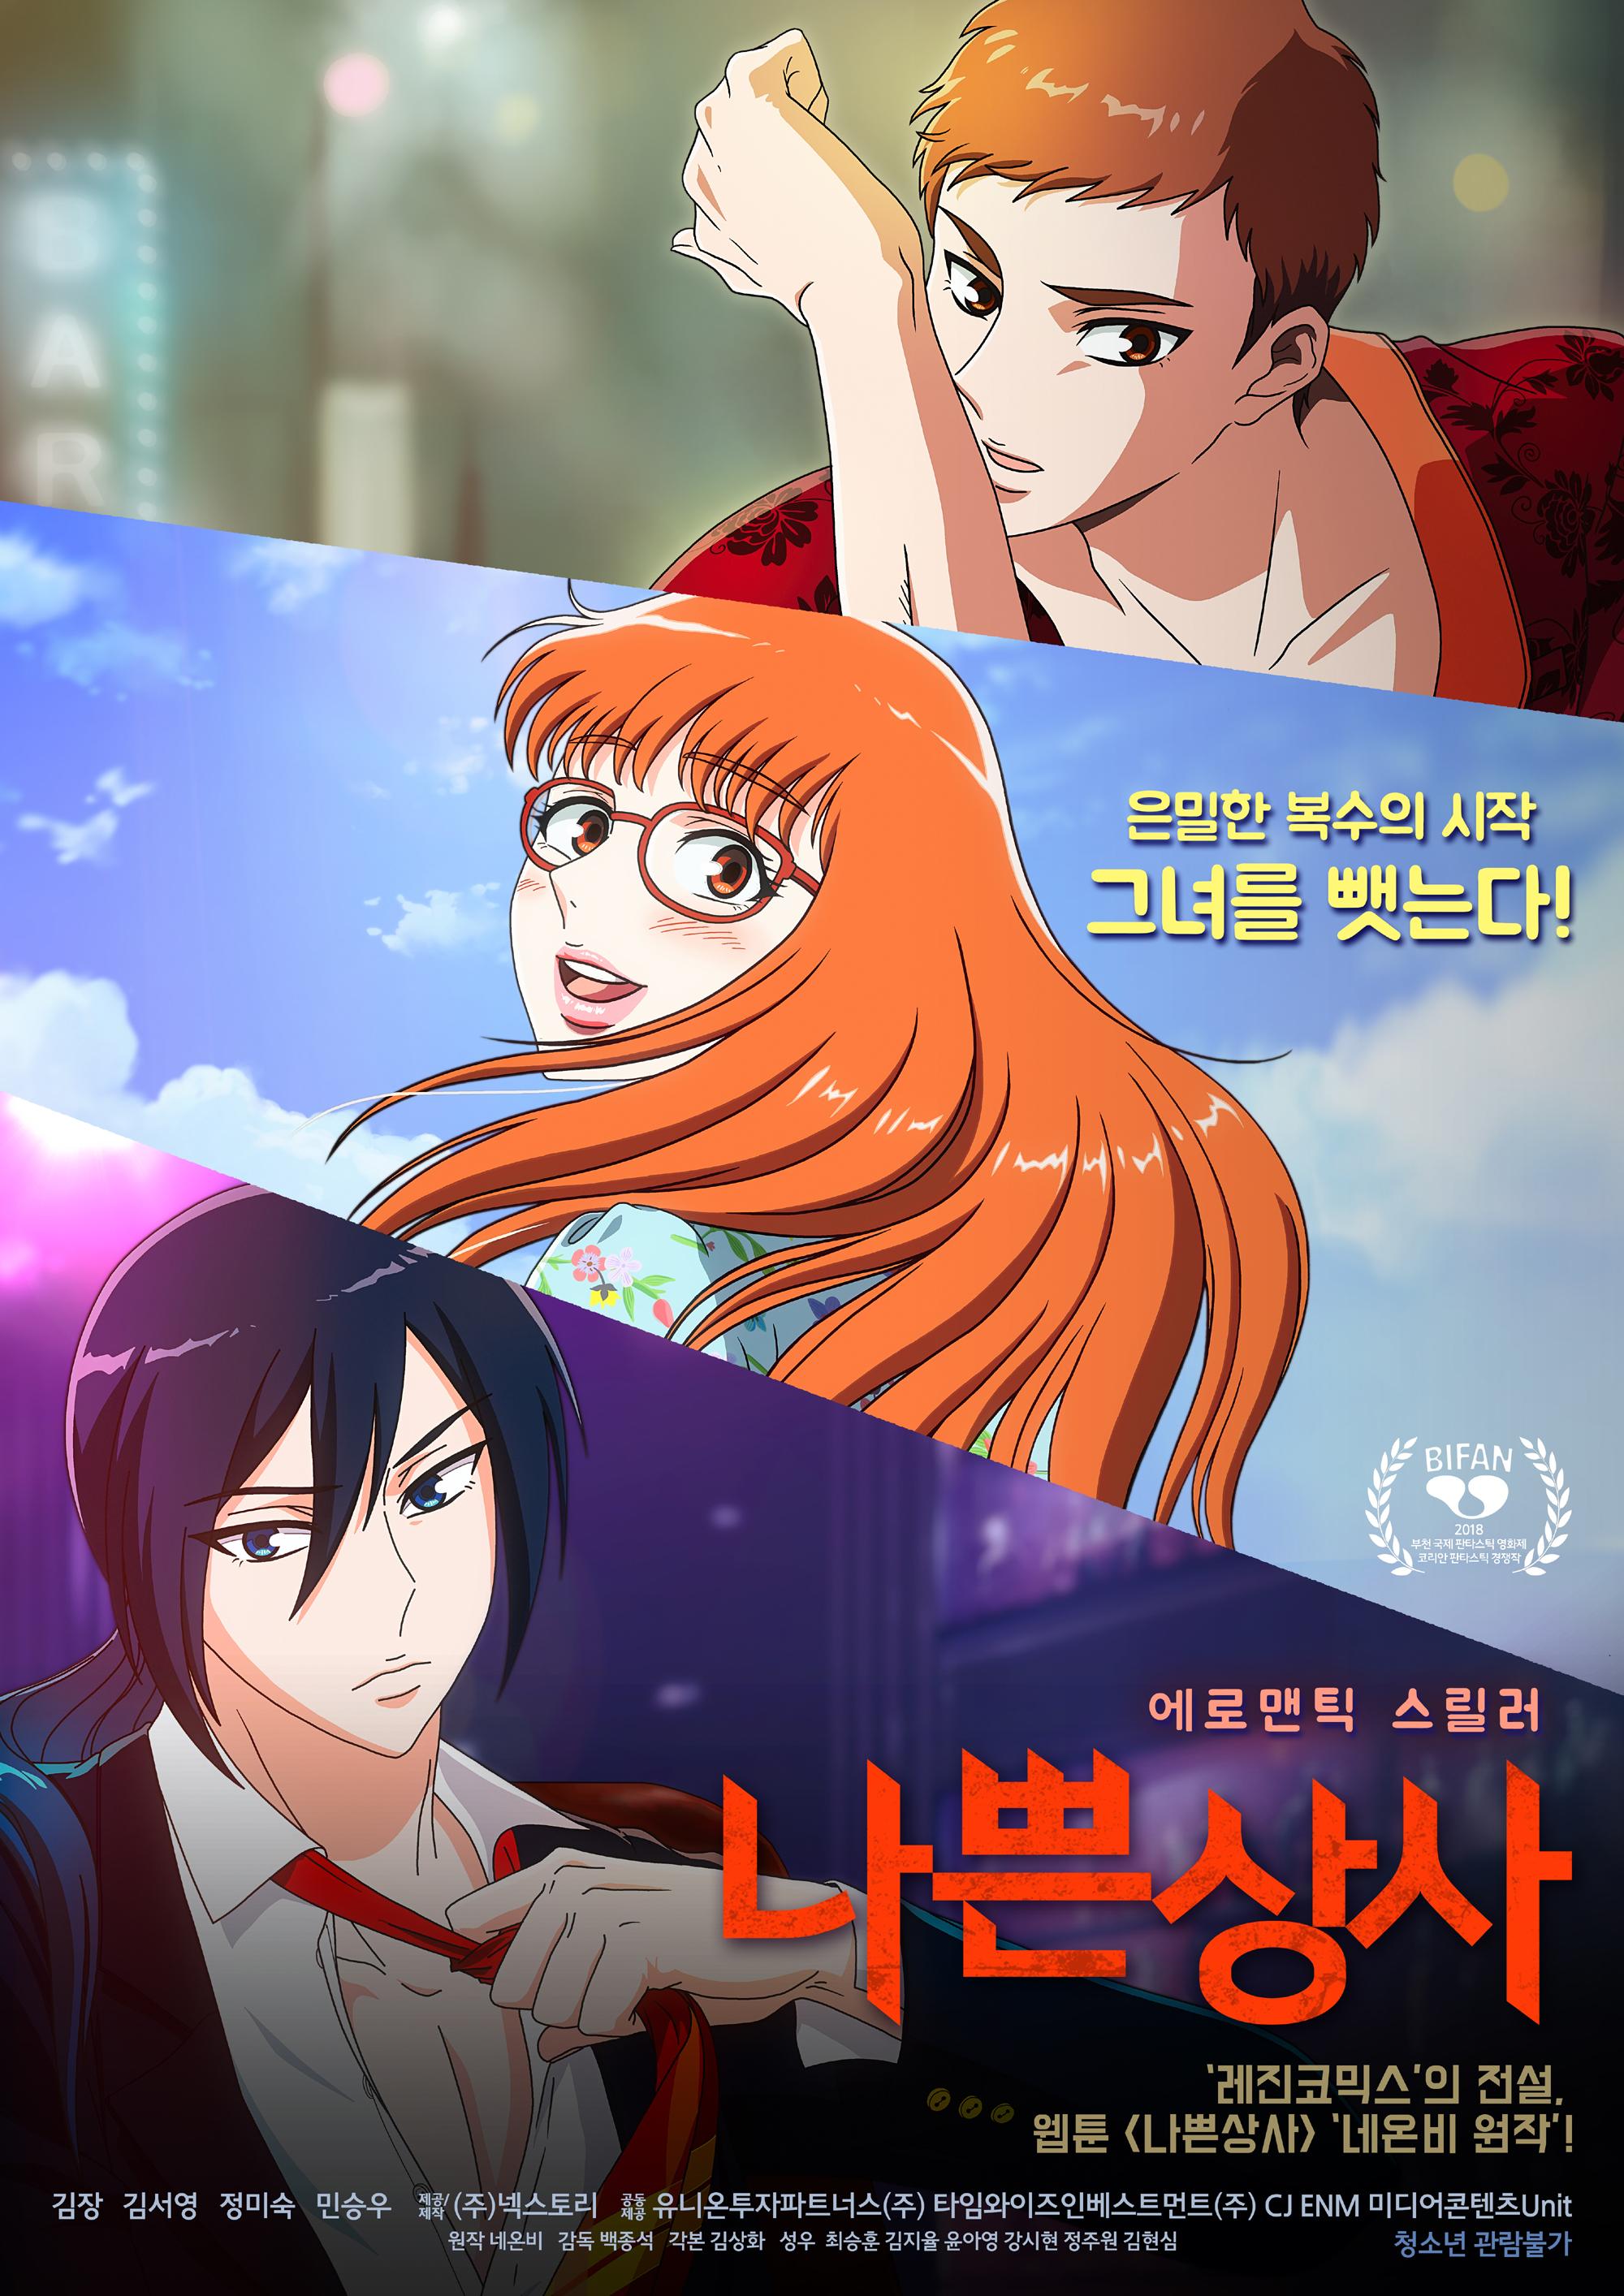 2018 韓國《壞社長》韓國超大尺度動漫電影